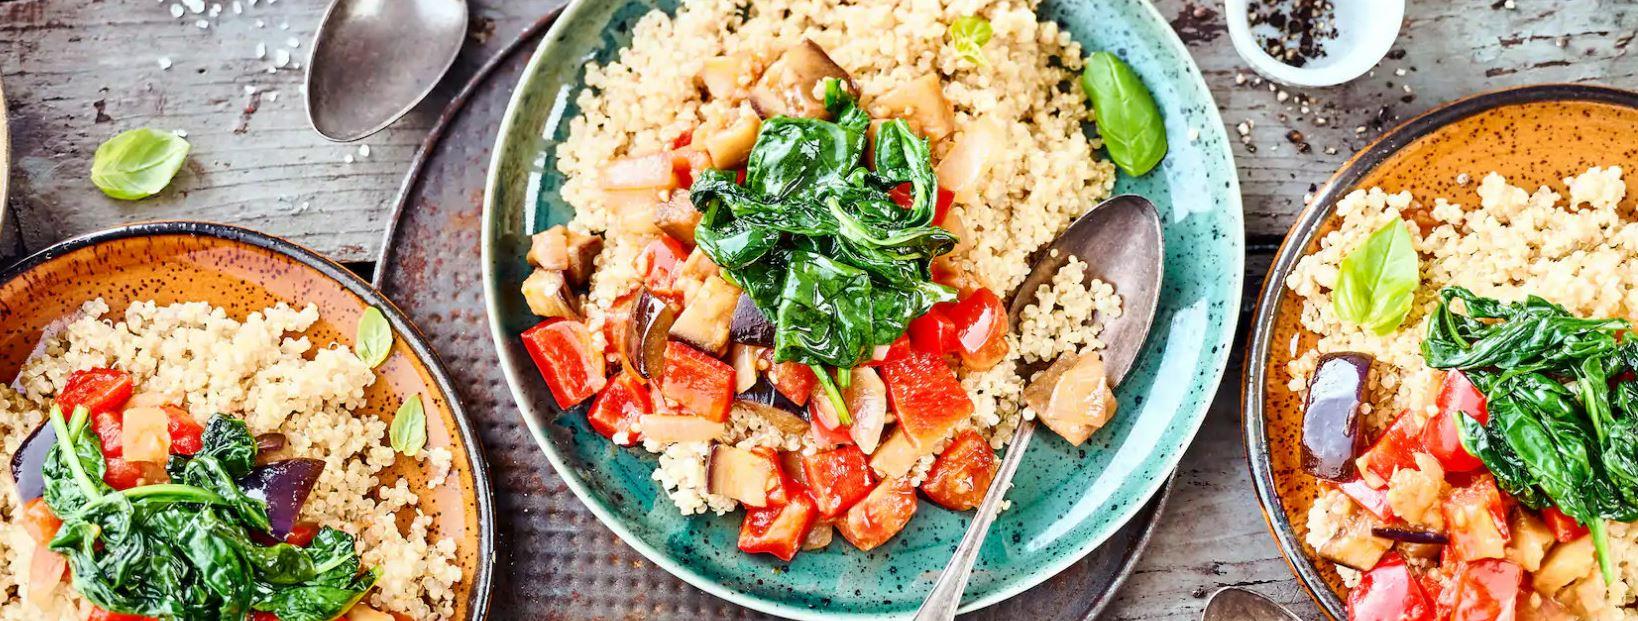 Quinoa-Ratatouille- Rezepte